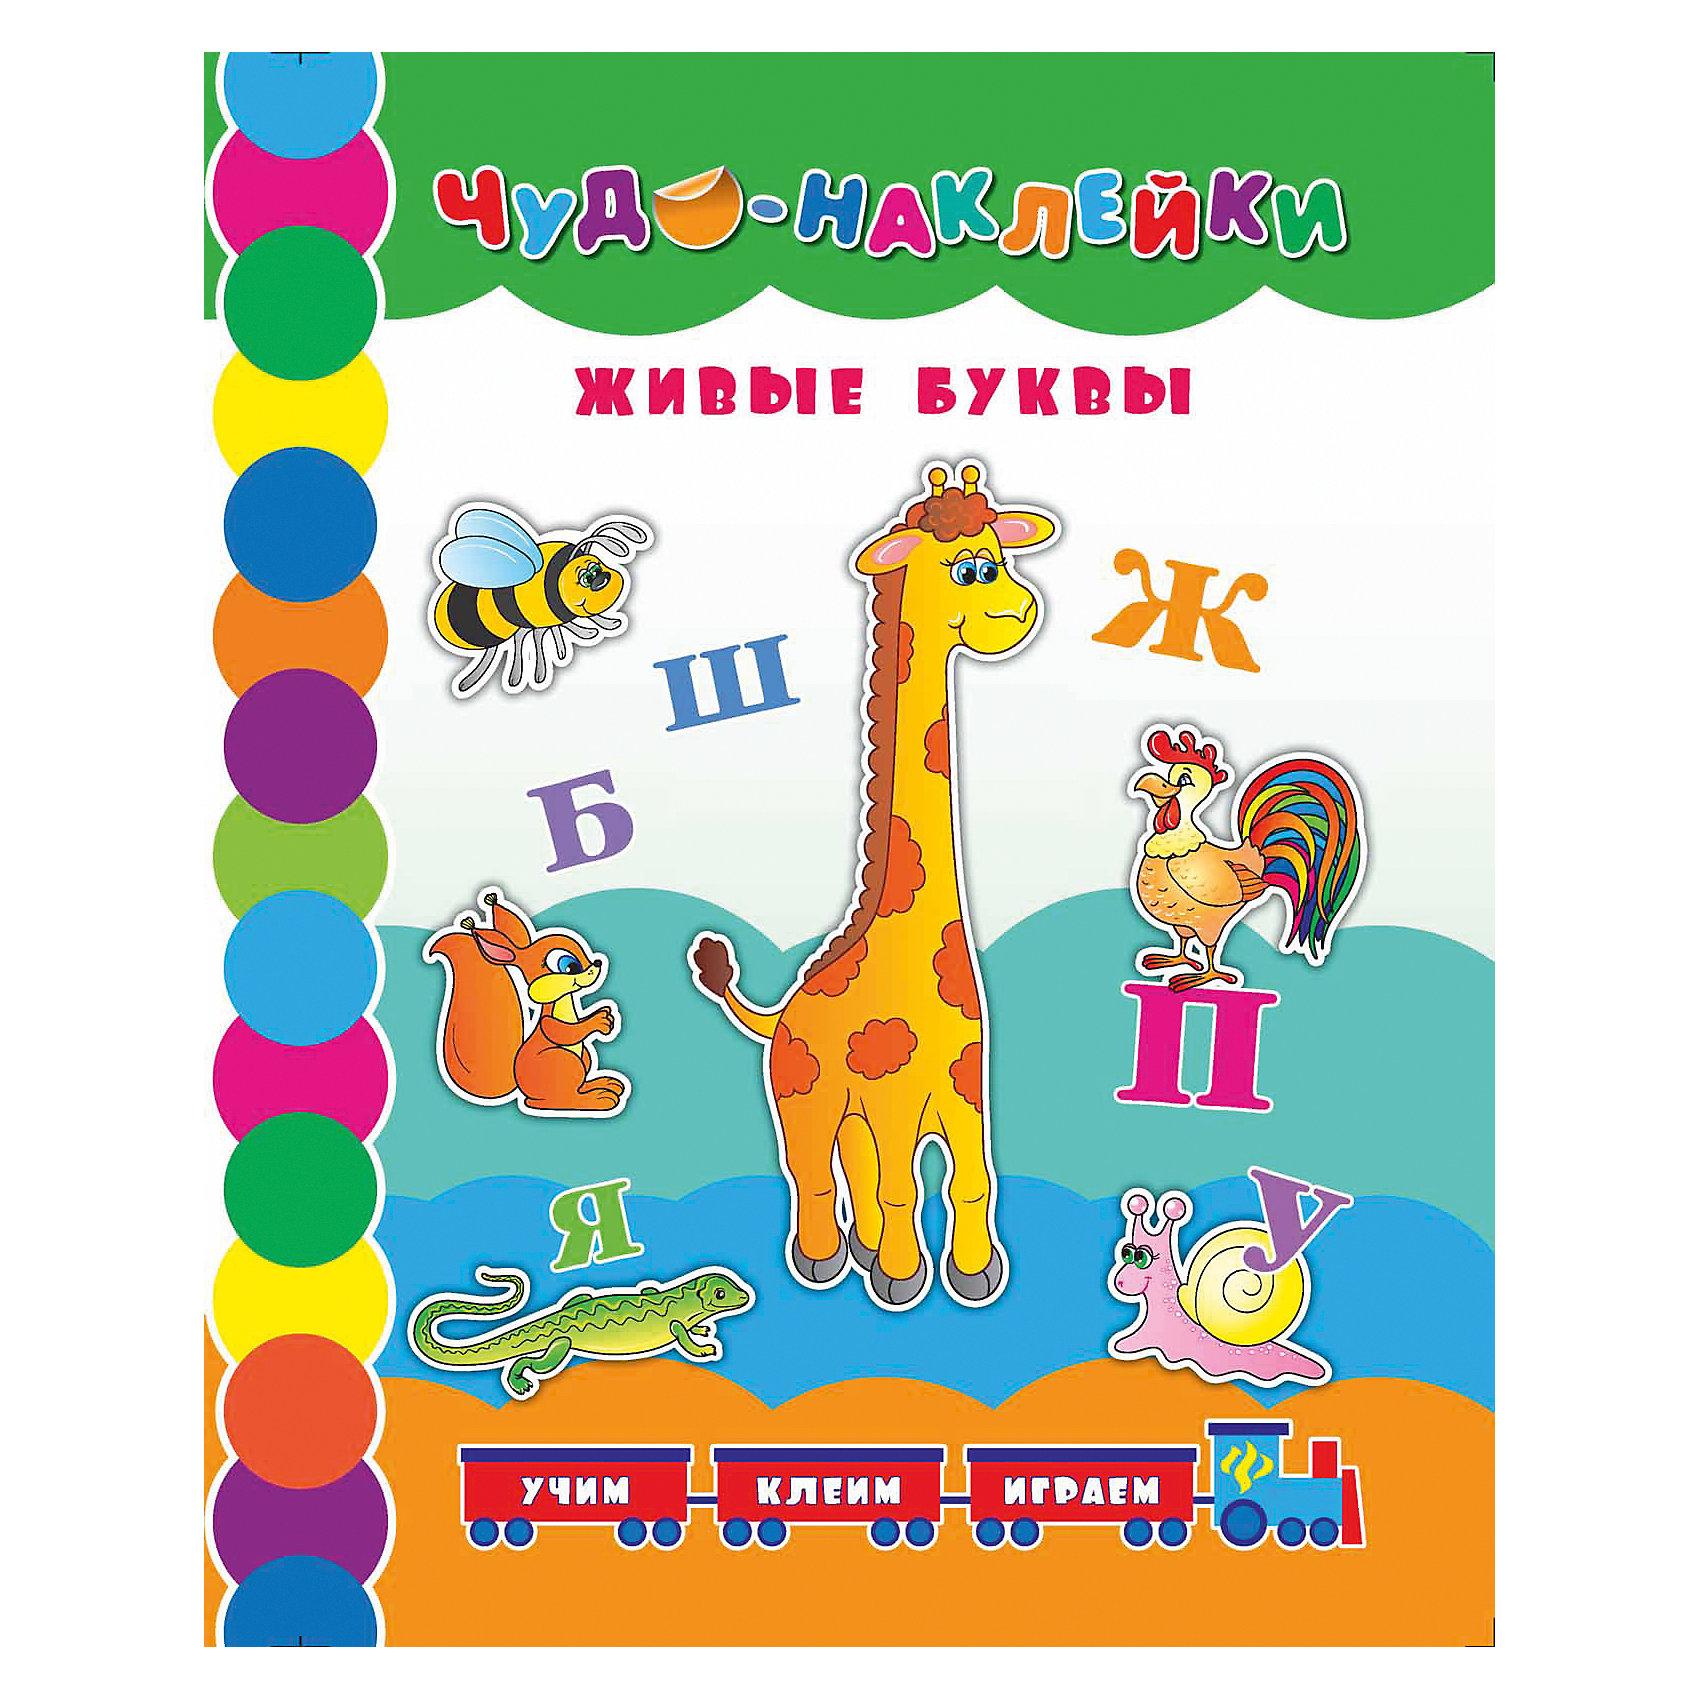 Живые буквыРазвивающие книги<br>С помощью данной книги ваш малыш легко выучит буквы русского алфавита. Яркие страницы книги и красочные наклейки очень понравятся ребенку. Работа с наклейками также поможет приучить ребенка к аккуратности и развить мелкую моторику кисти, которая способст<br><br>Ширина мм: 260<br>Глубина мм: 200<br>Высота мм: 1<br>Вес г: 58<br>Возраст от месяцев: 12<br>Возраст до месяцев: 60<br>Пол: Унисекс<br>Возраст: Детский<br>SKU: 5120056